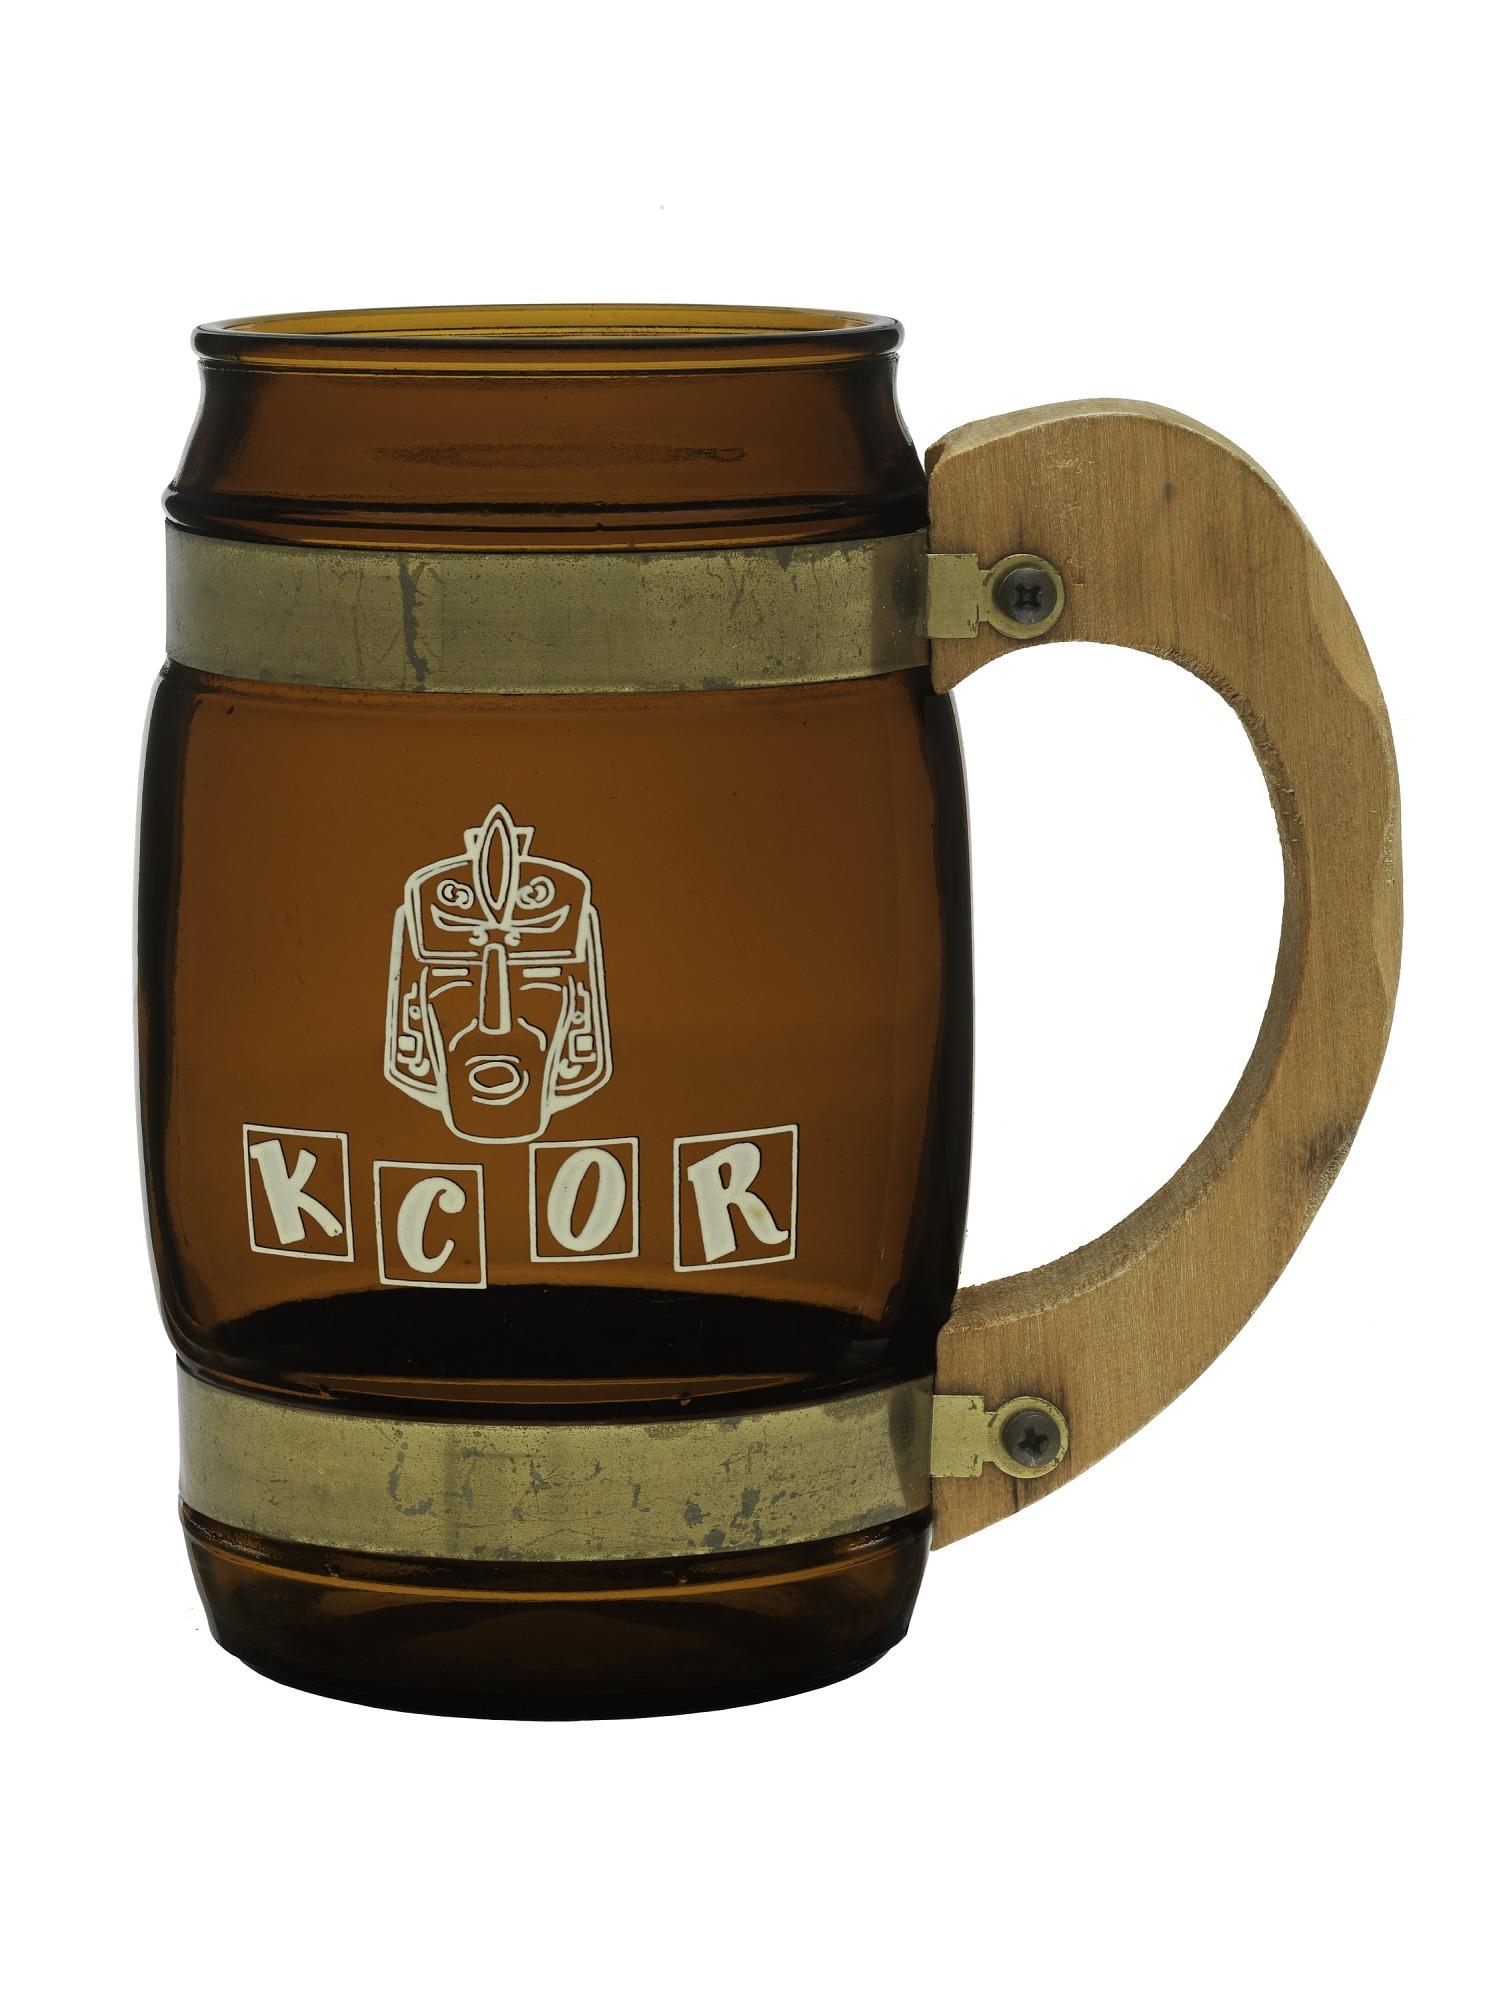 images for KCOR Beer Mug